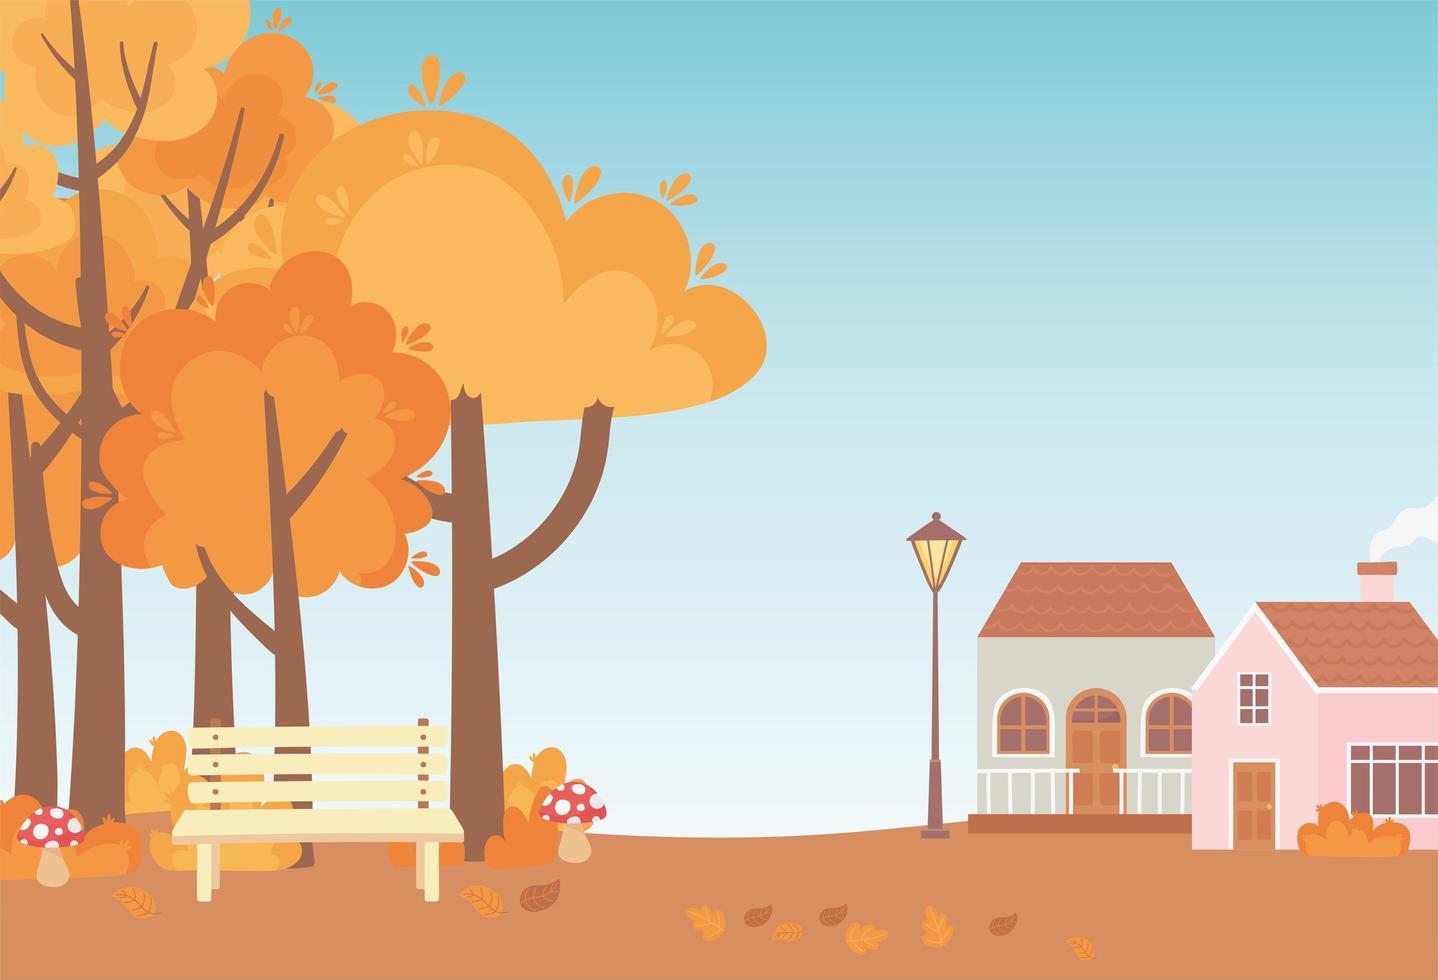 Landschaft im Herbst. Hütten, Bank und Parkbäume vektor